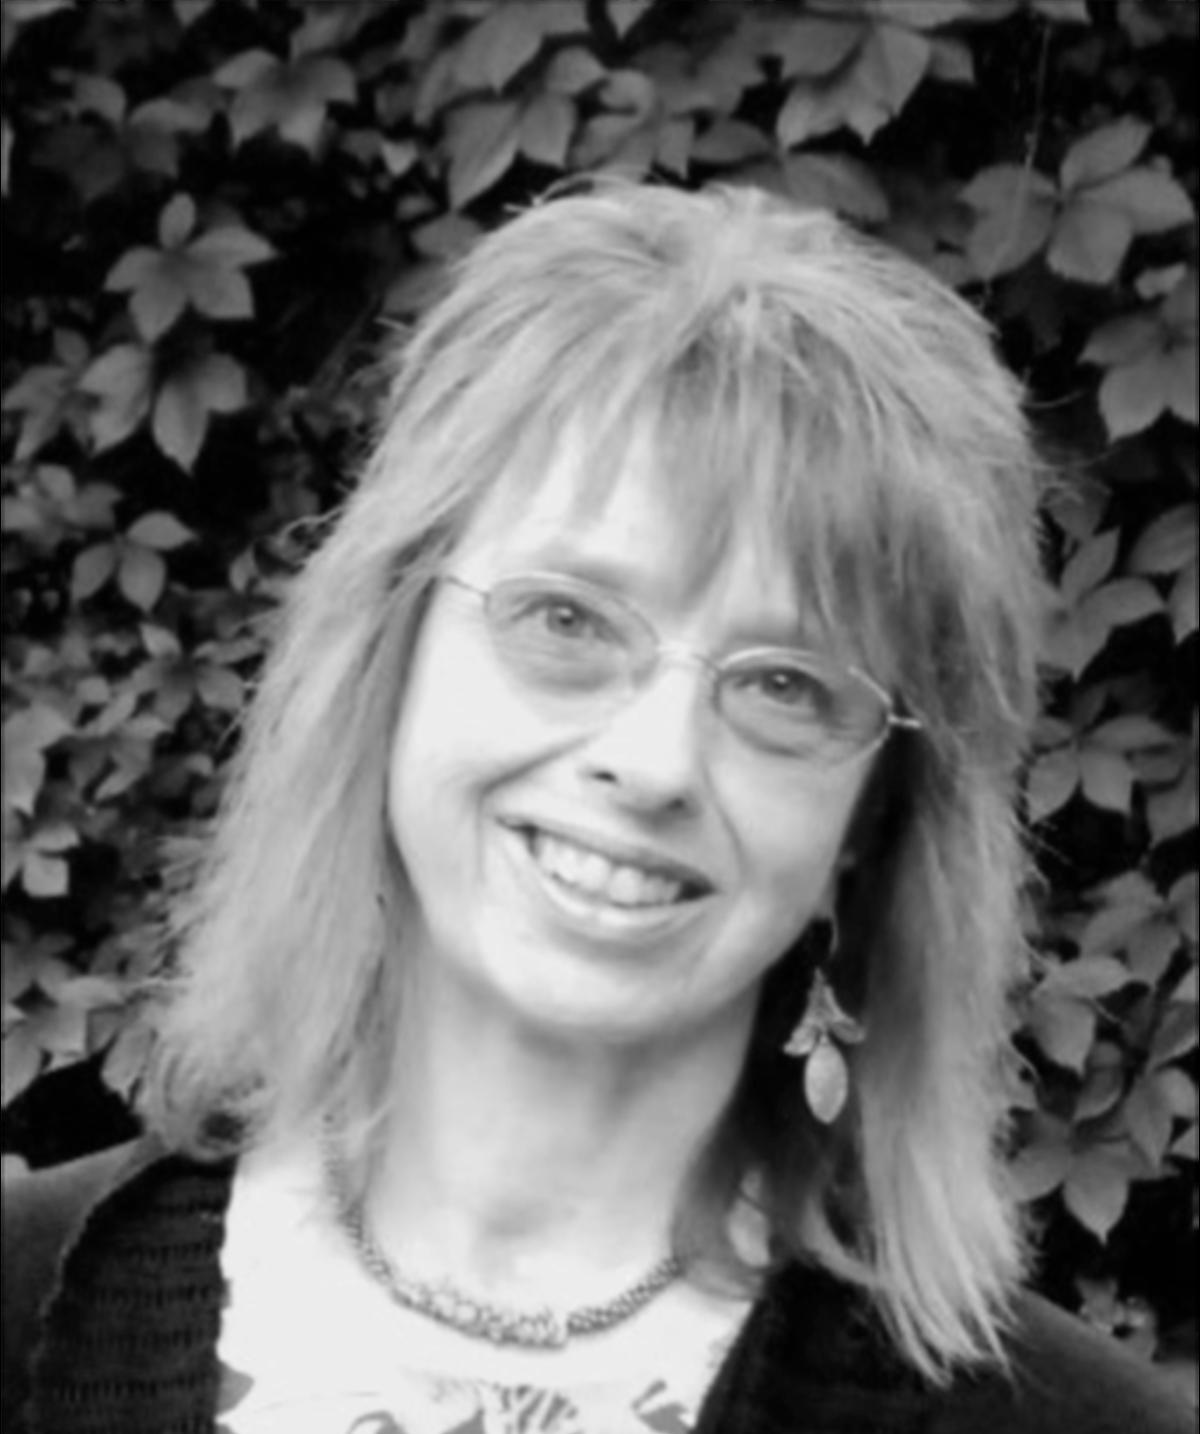 Kathy O'Keeffe